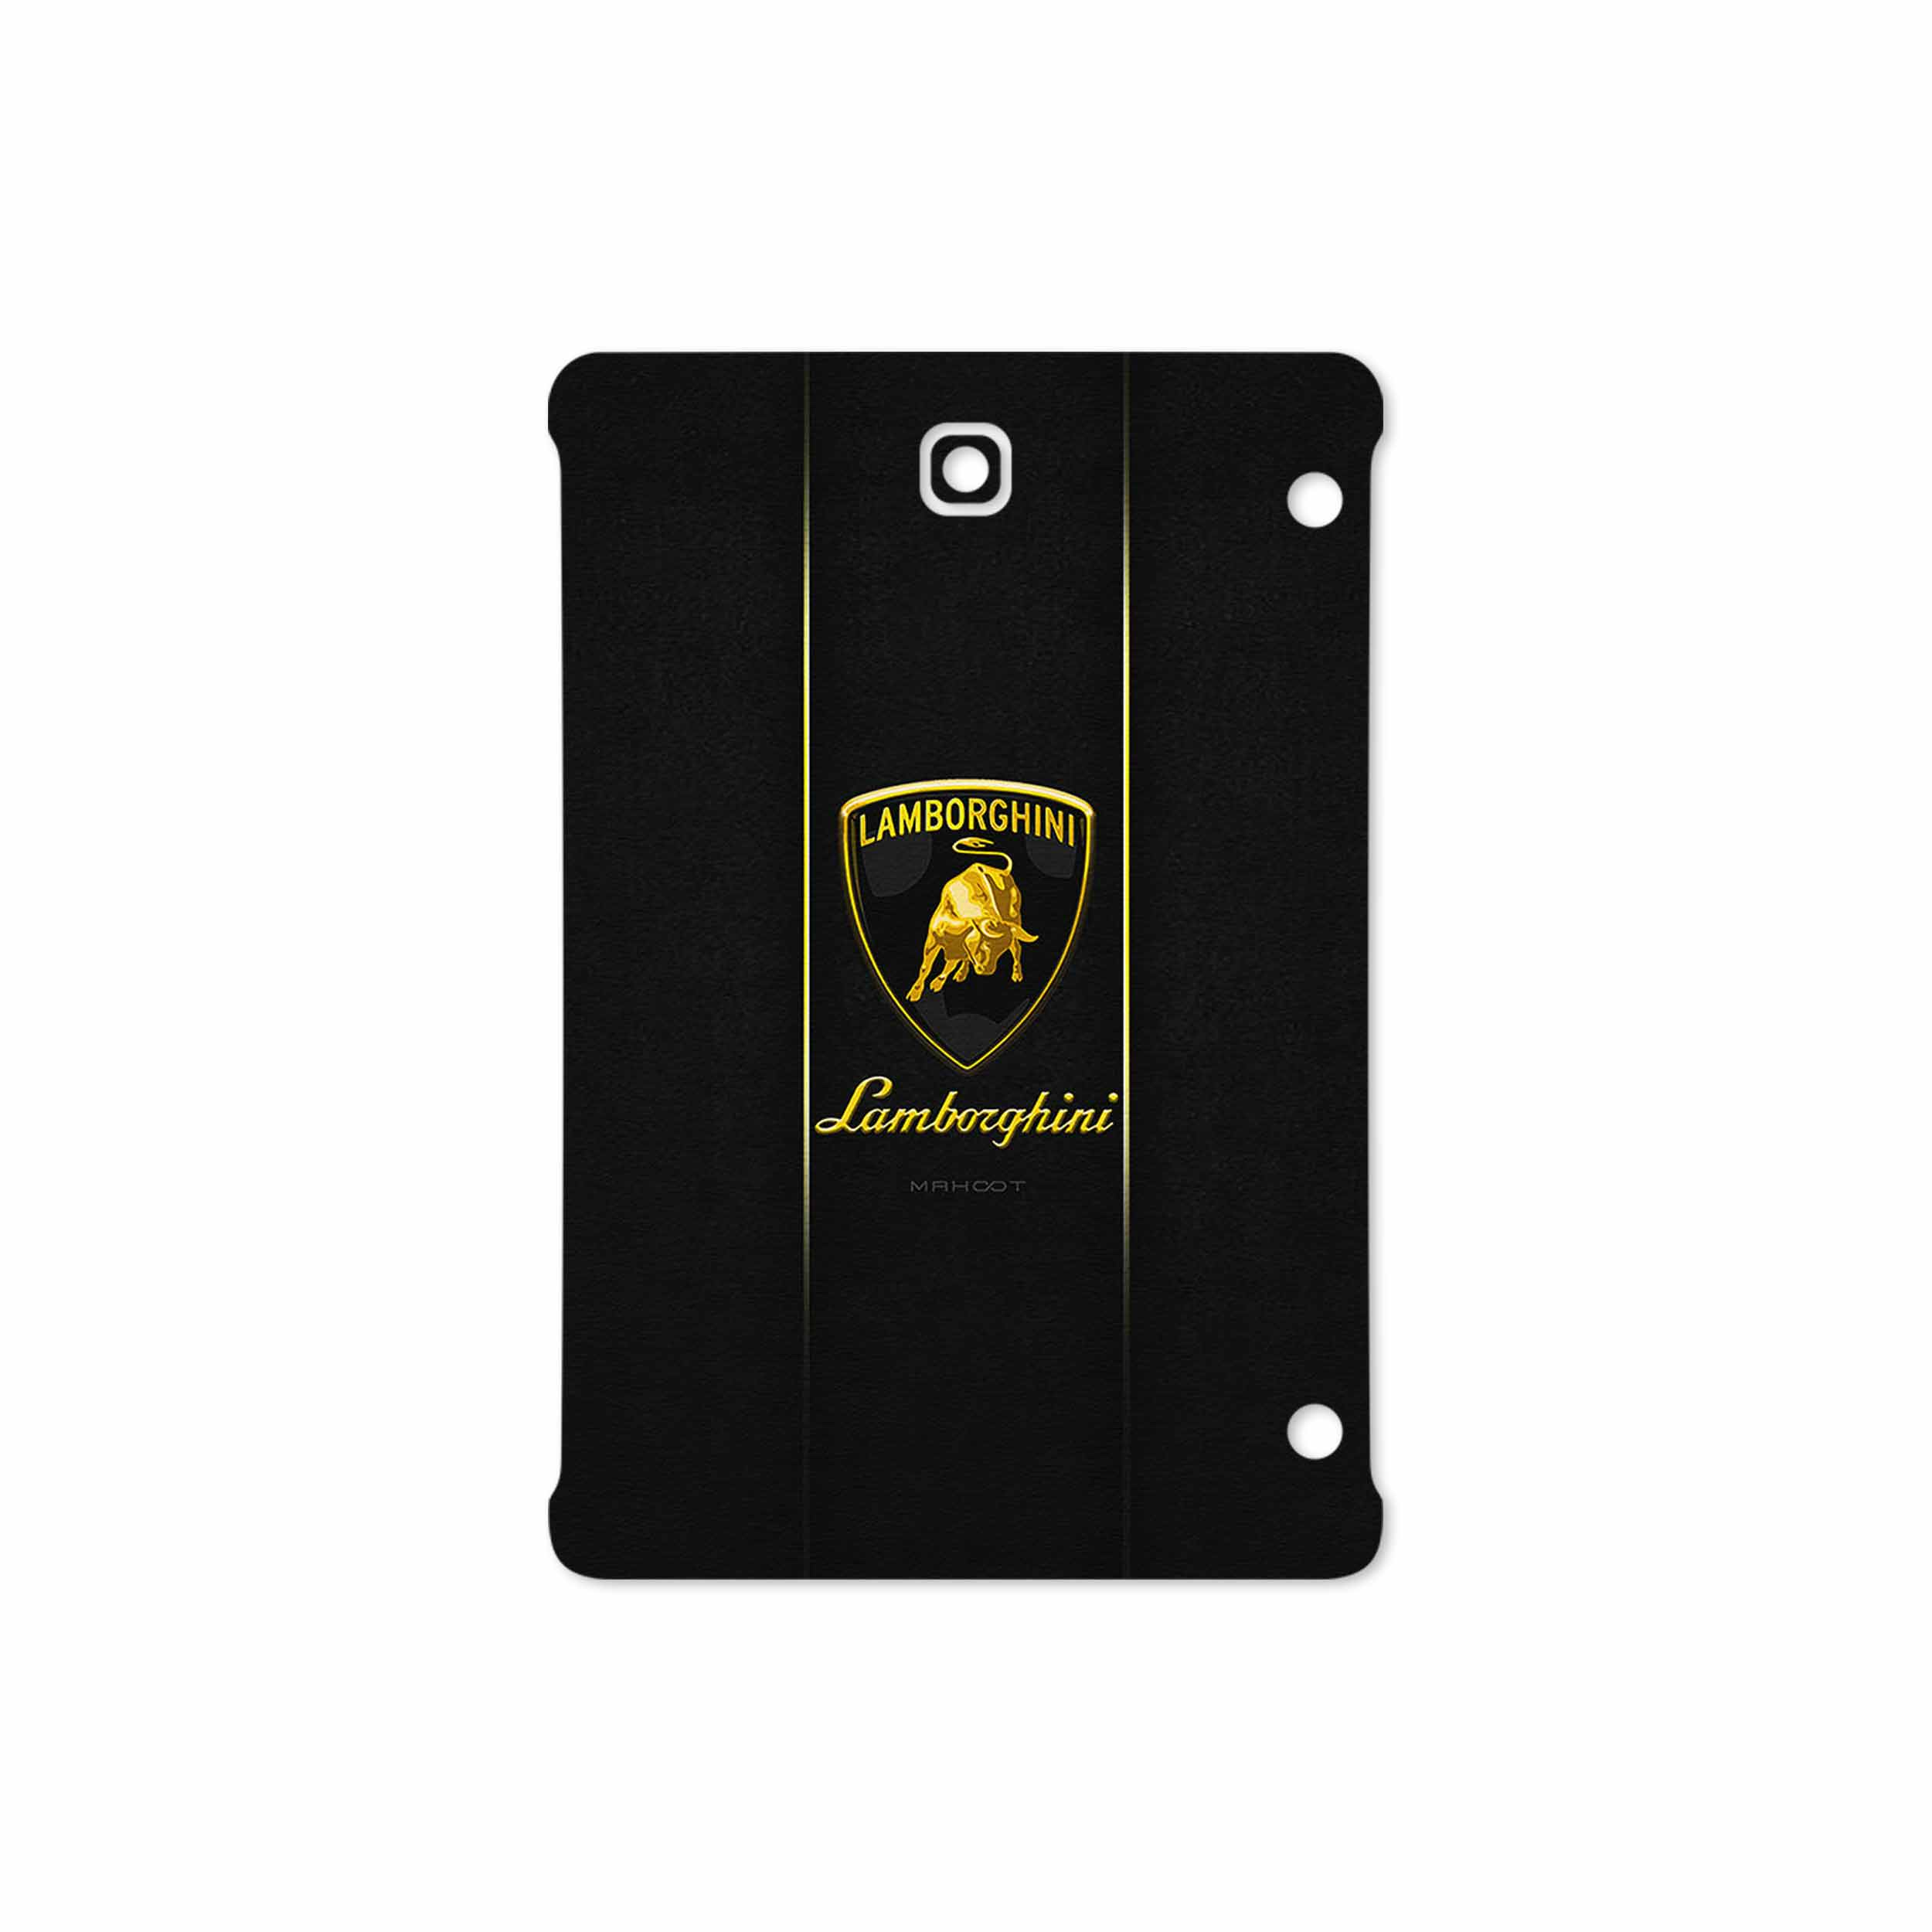 بررسی و خرید [با تخفیف]                                     برچسب پوششی ماهوت مدل Lamborghini مناسب برای تبلت سامسونگ Galaxy Tab S2 8.0 2016 T719N                             اورجینال